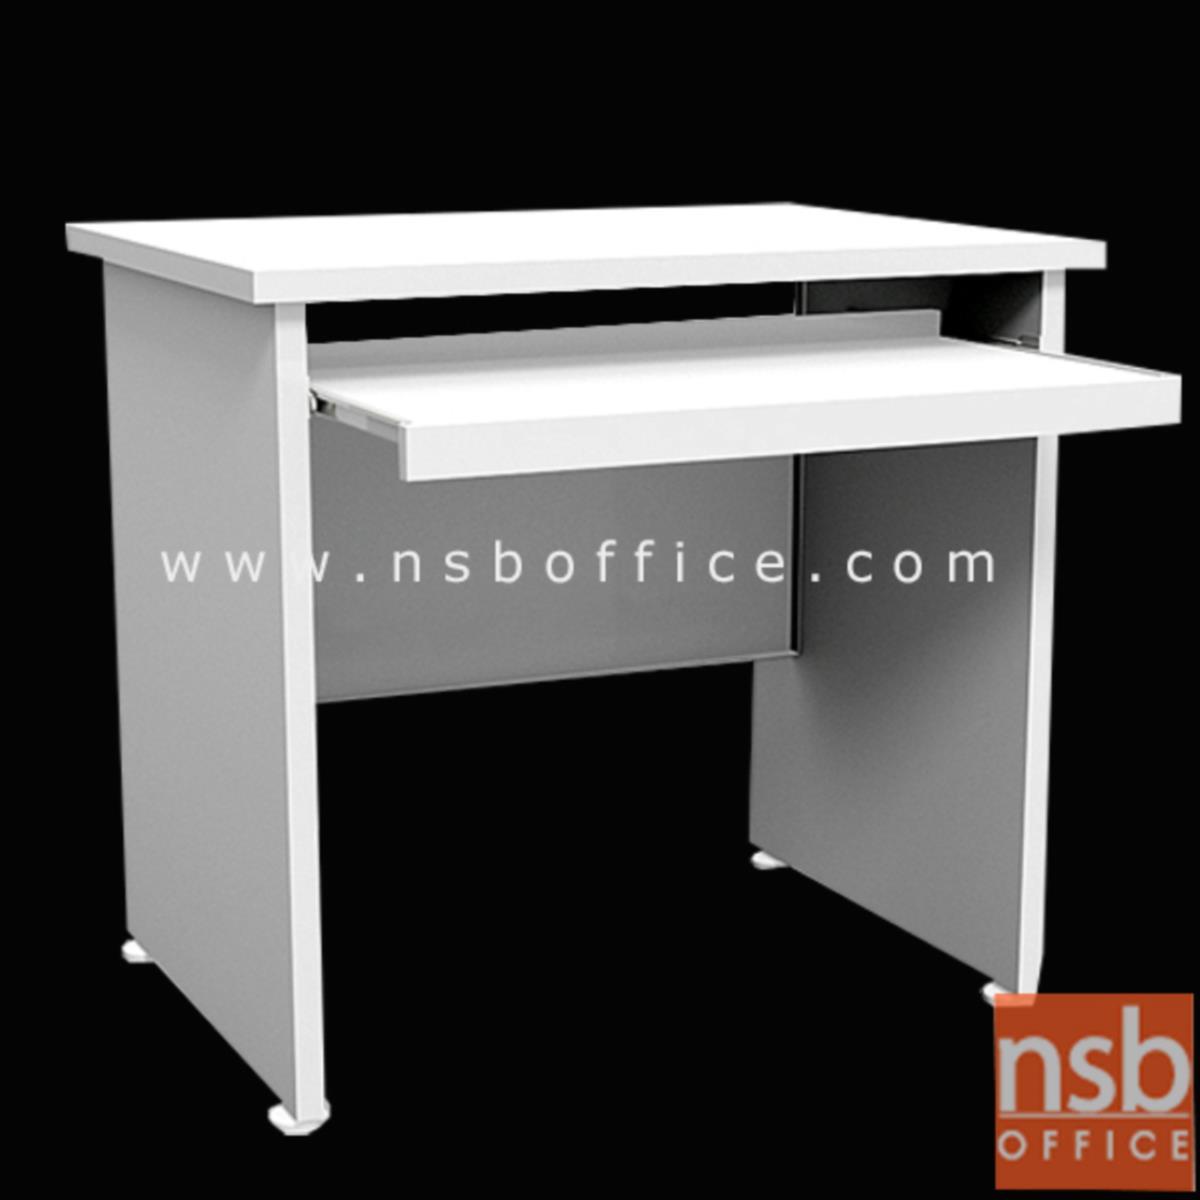 โต๊ะคอมพิวเตอร์  รุ่น Newmine (นิวมาย) ขนาด 80W cm. พร้อมรางคีบอร์ด  ขาโต๊ะปรับระดับได้